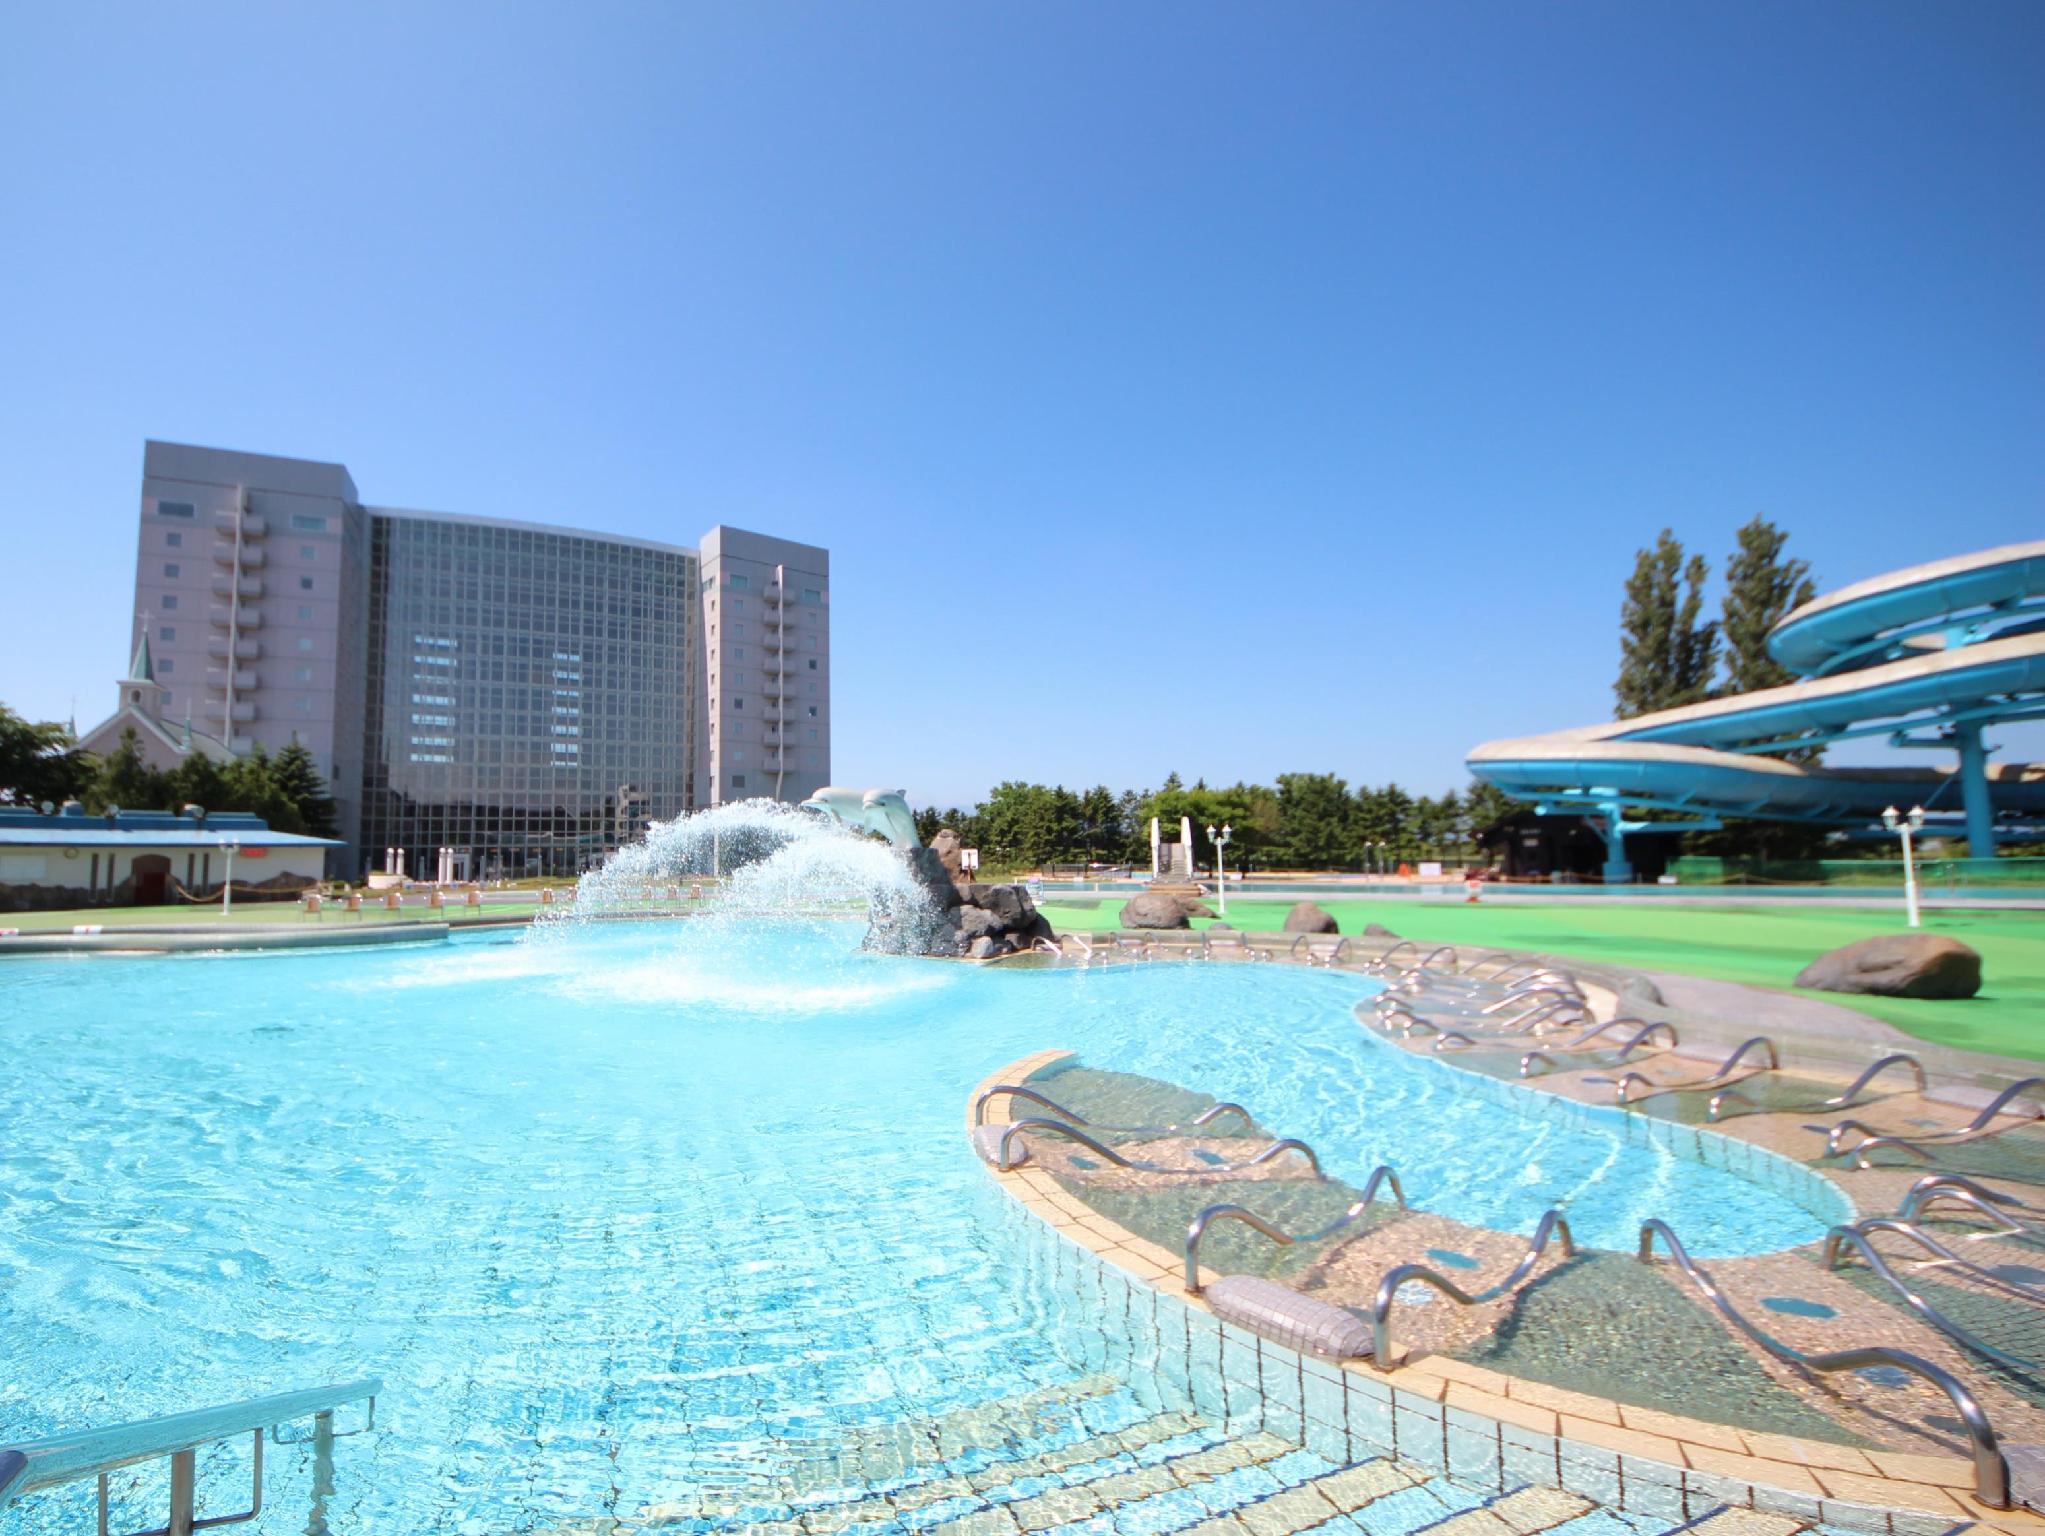 札幌朵蕾絲SPA度假酒店 Chateraise Gateaux Kingdom Sapporo Hotel  SPA Resort